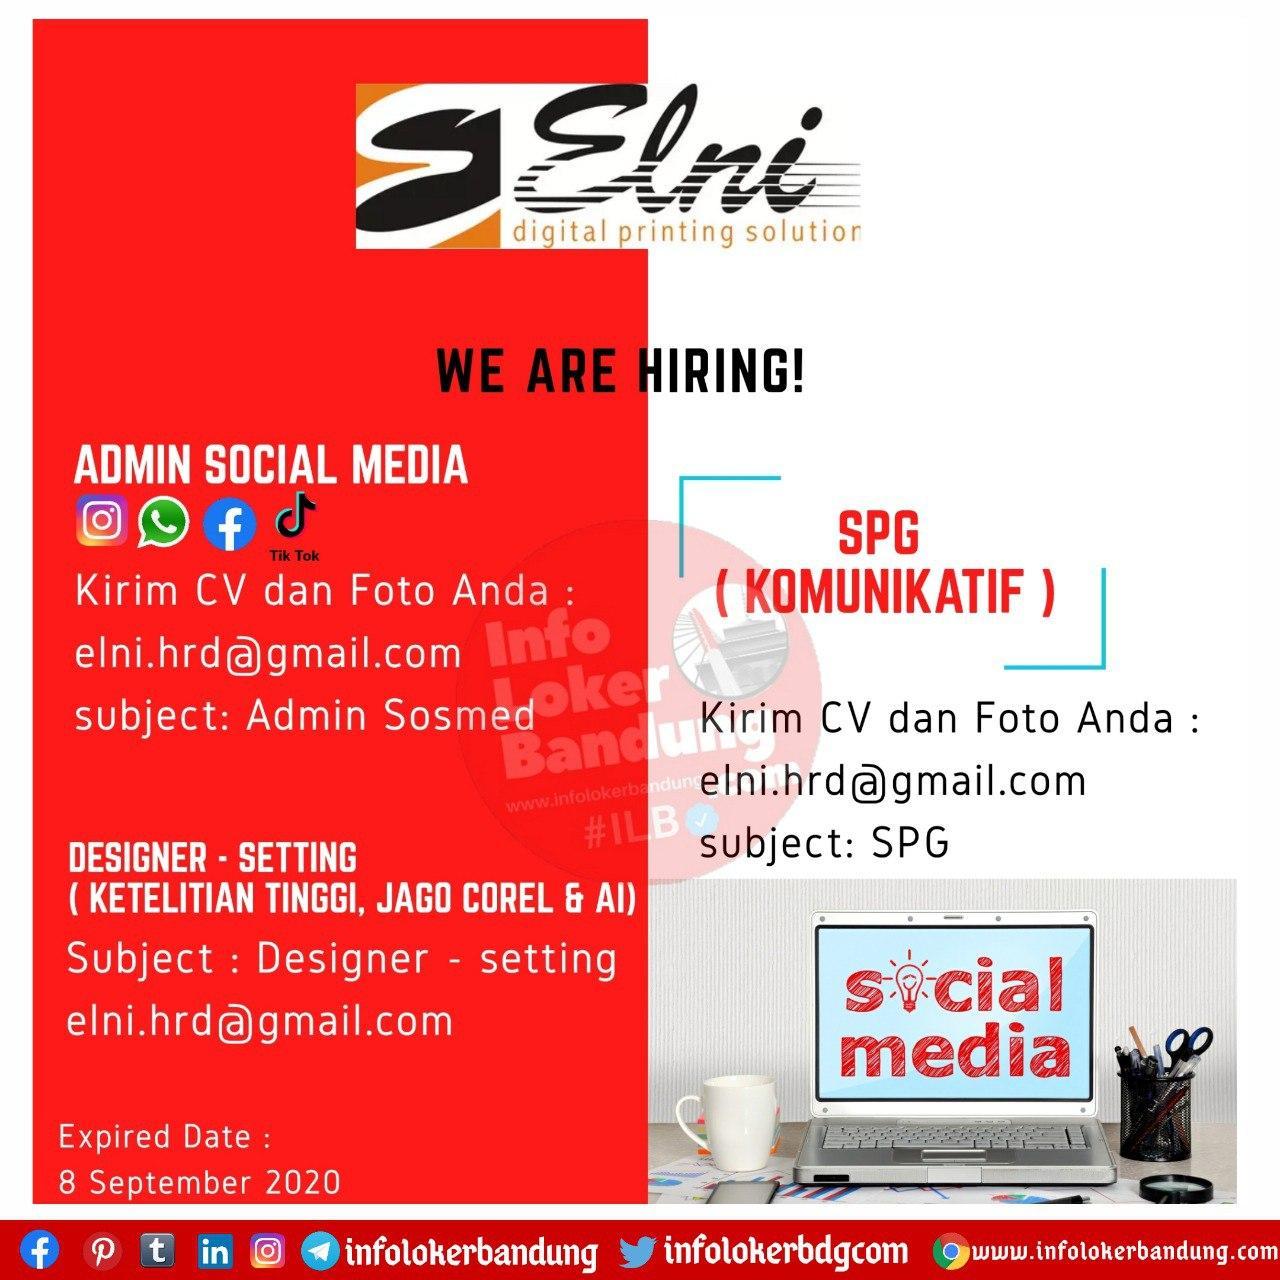 Lowongan Kerja PT. Elni Digital Printing Bandung September 2020